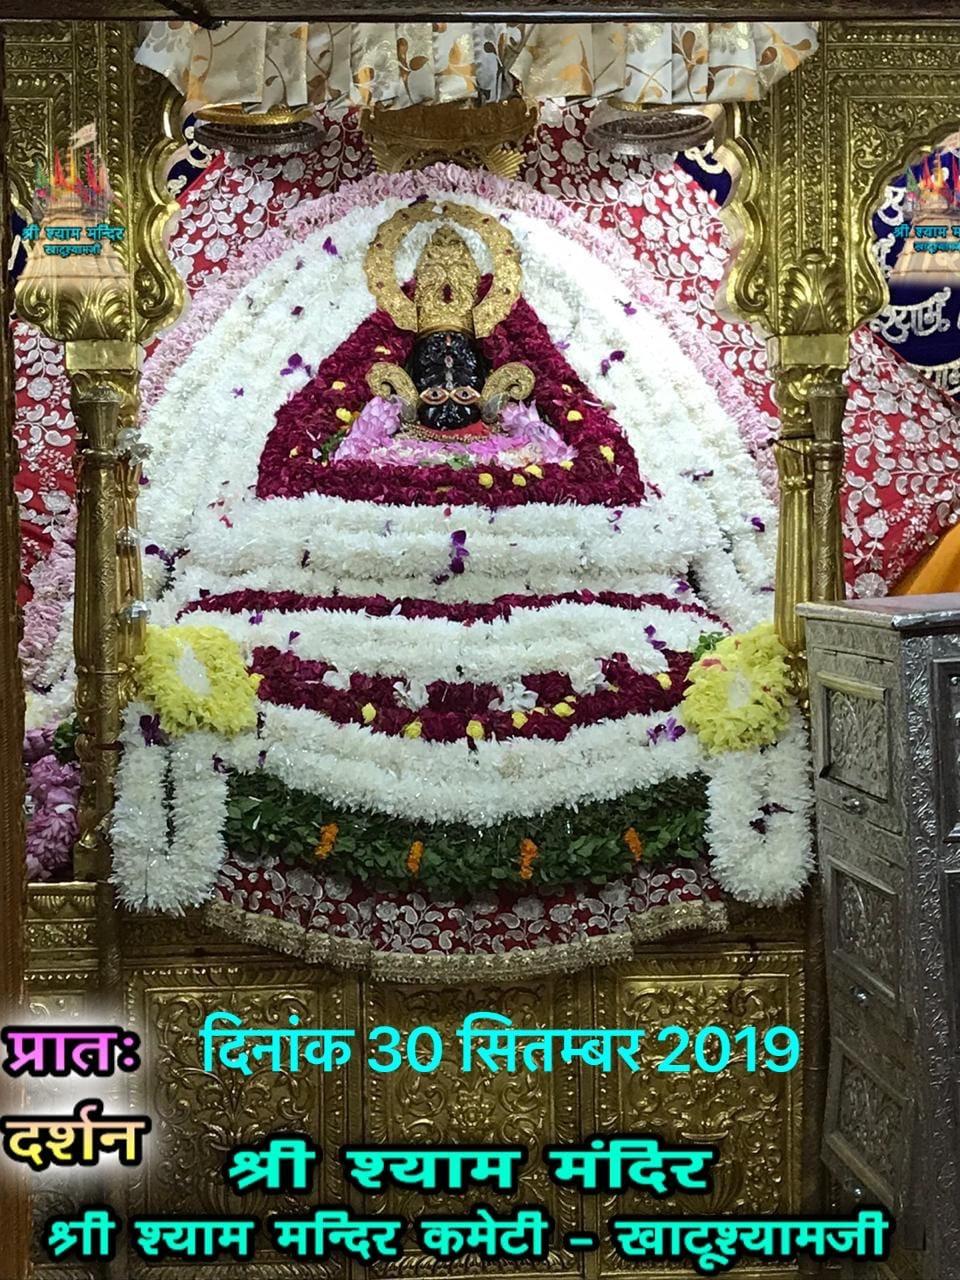 khatu shyam darshan 30.09.2019